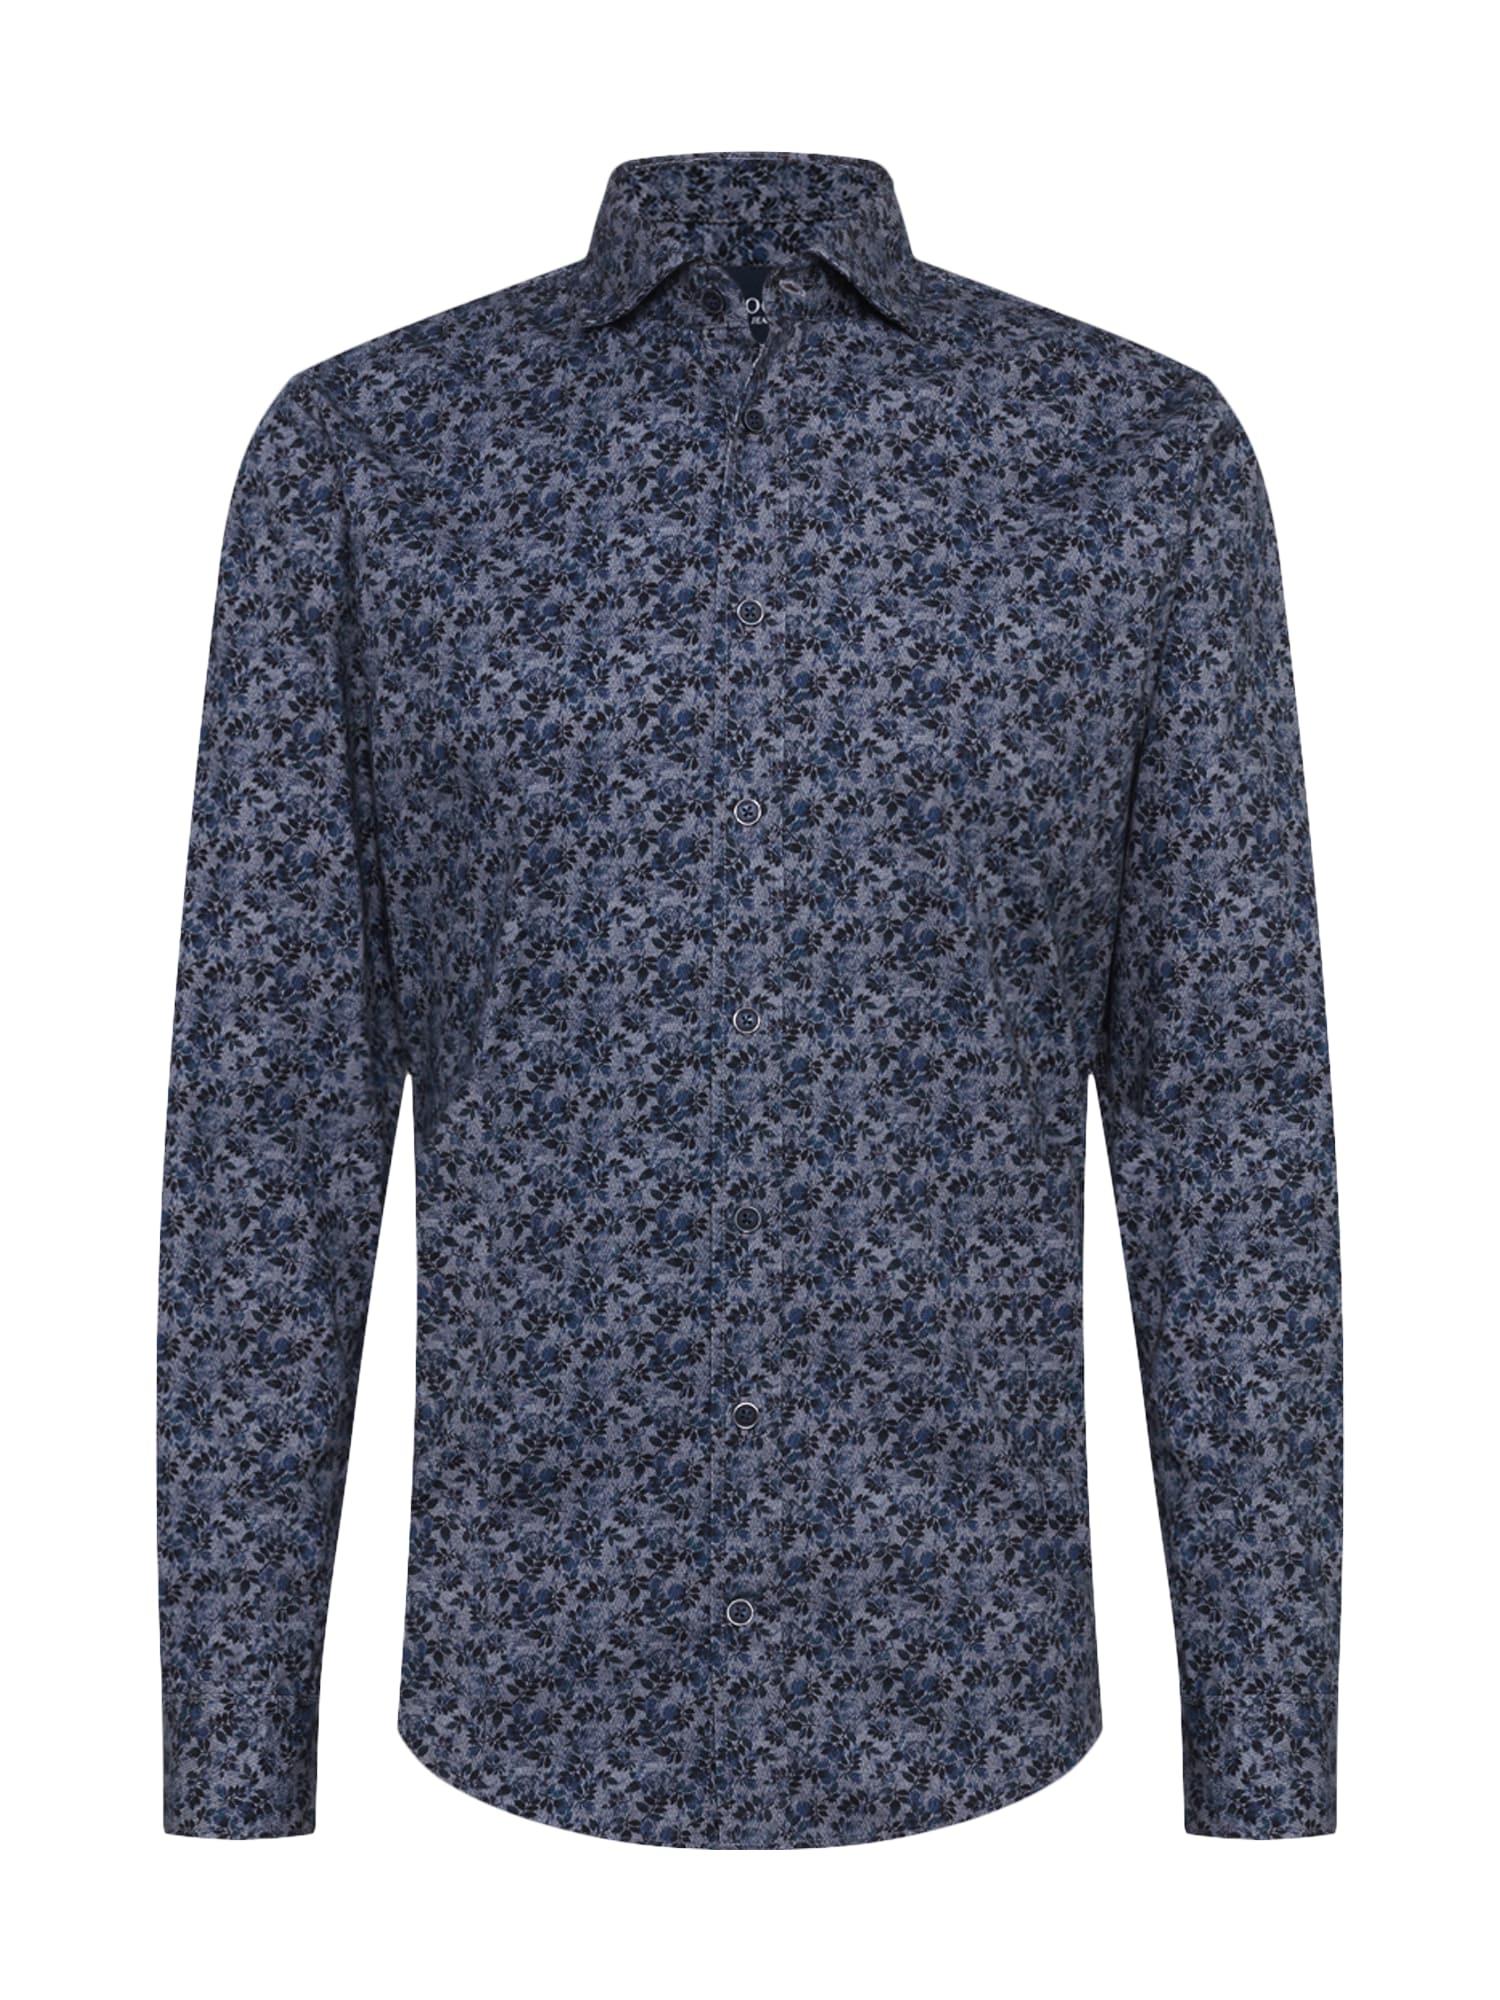 JOOP! Jeans Marškiniai mėlyna / antracito